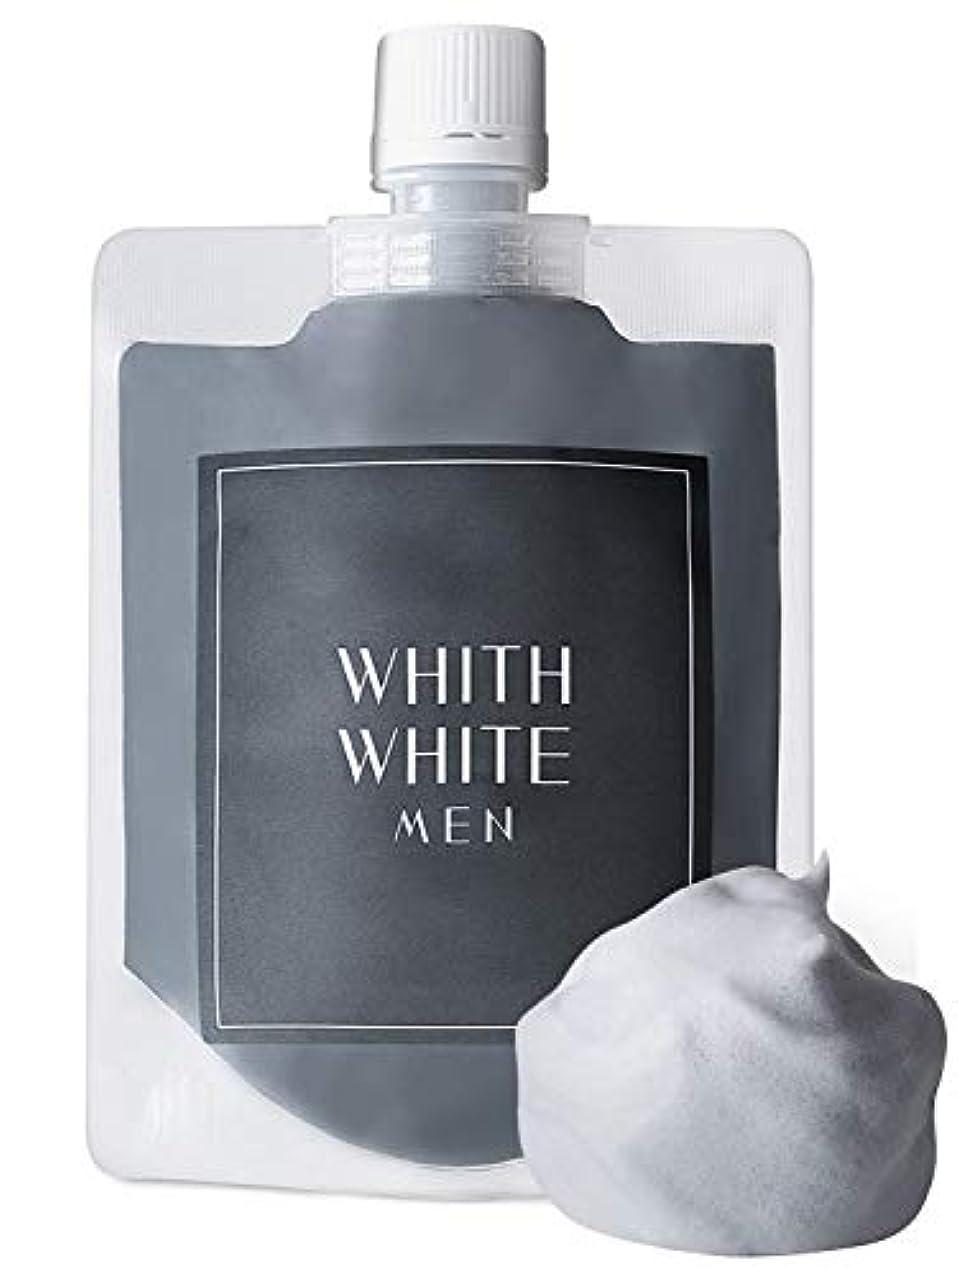 作りますしかしながらトリップフィス ホワイト メンズ 泥 洗顔 ネット 付き 8つの 無添加 洗顔フォーム (炭 泡 クレイ で 顔 汚れ を 落とす) (日本製 洗顔料 130g リッチ セット)(どろ で 毛穴 を ごっそり 除去)